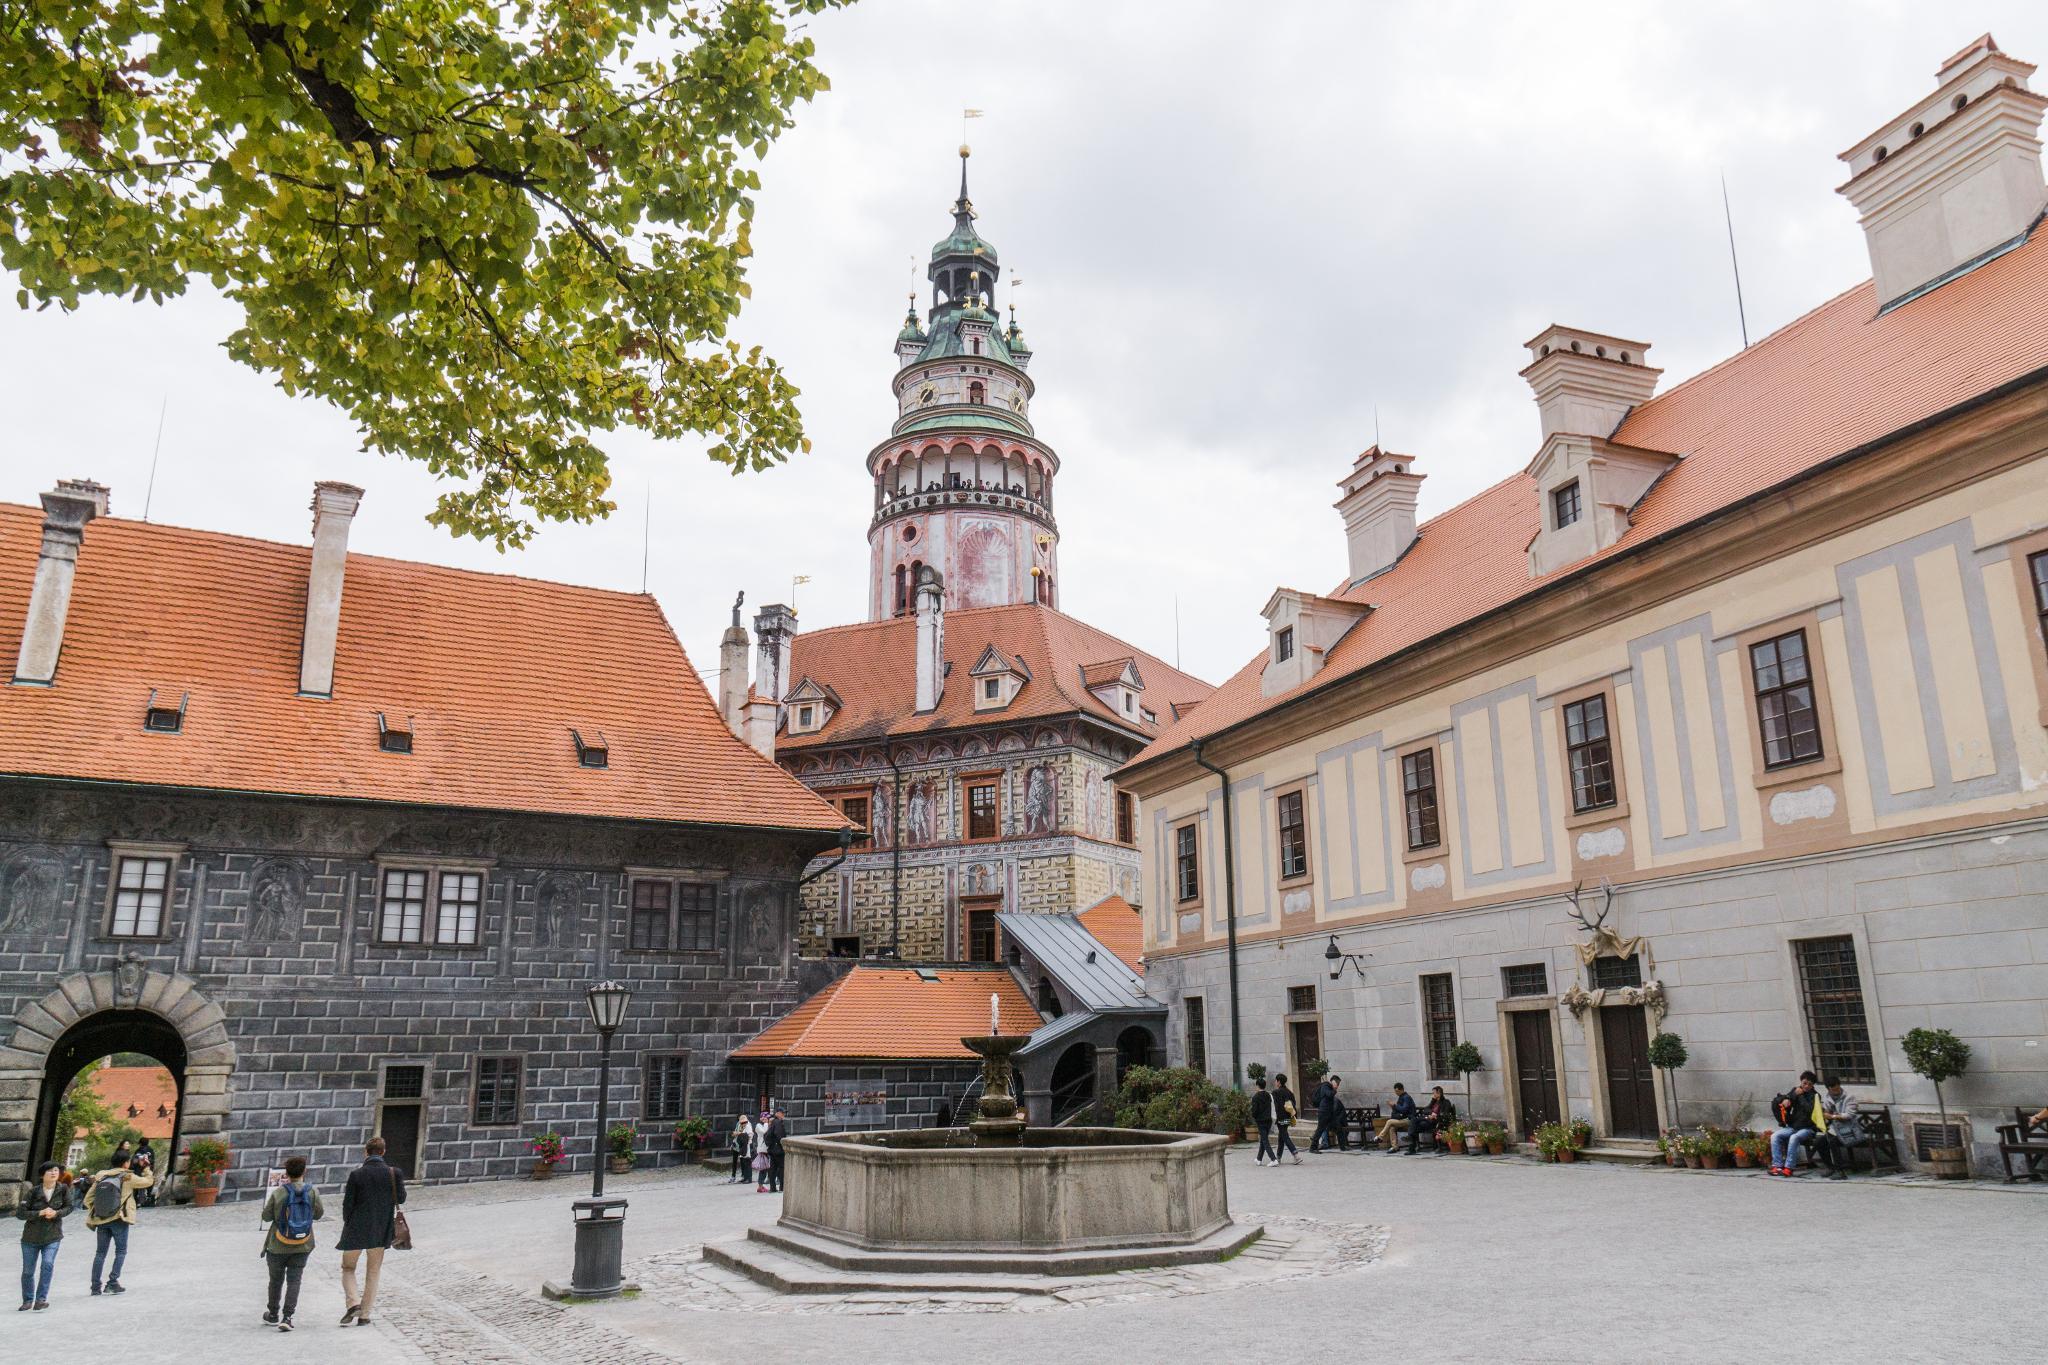 【捷克】穿越時空的波希米亞狂想曲 — Český Krumlov Castle 庫倫諾夫城堡 5